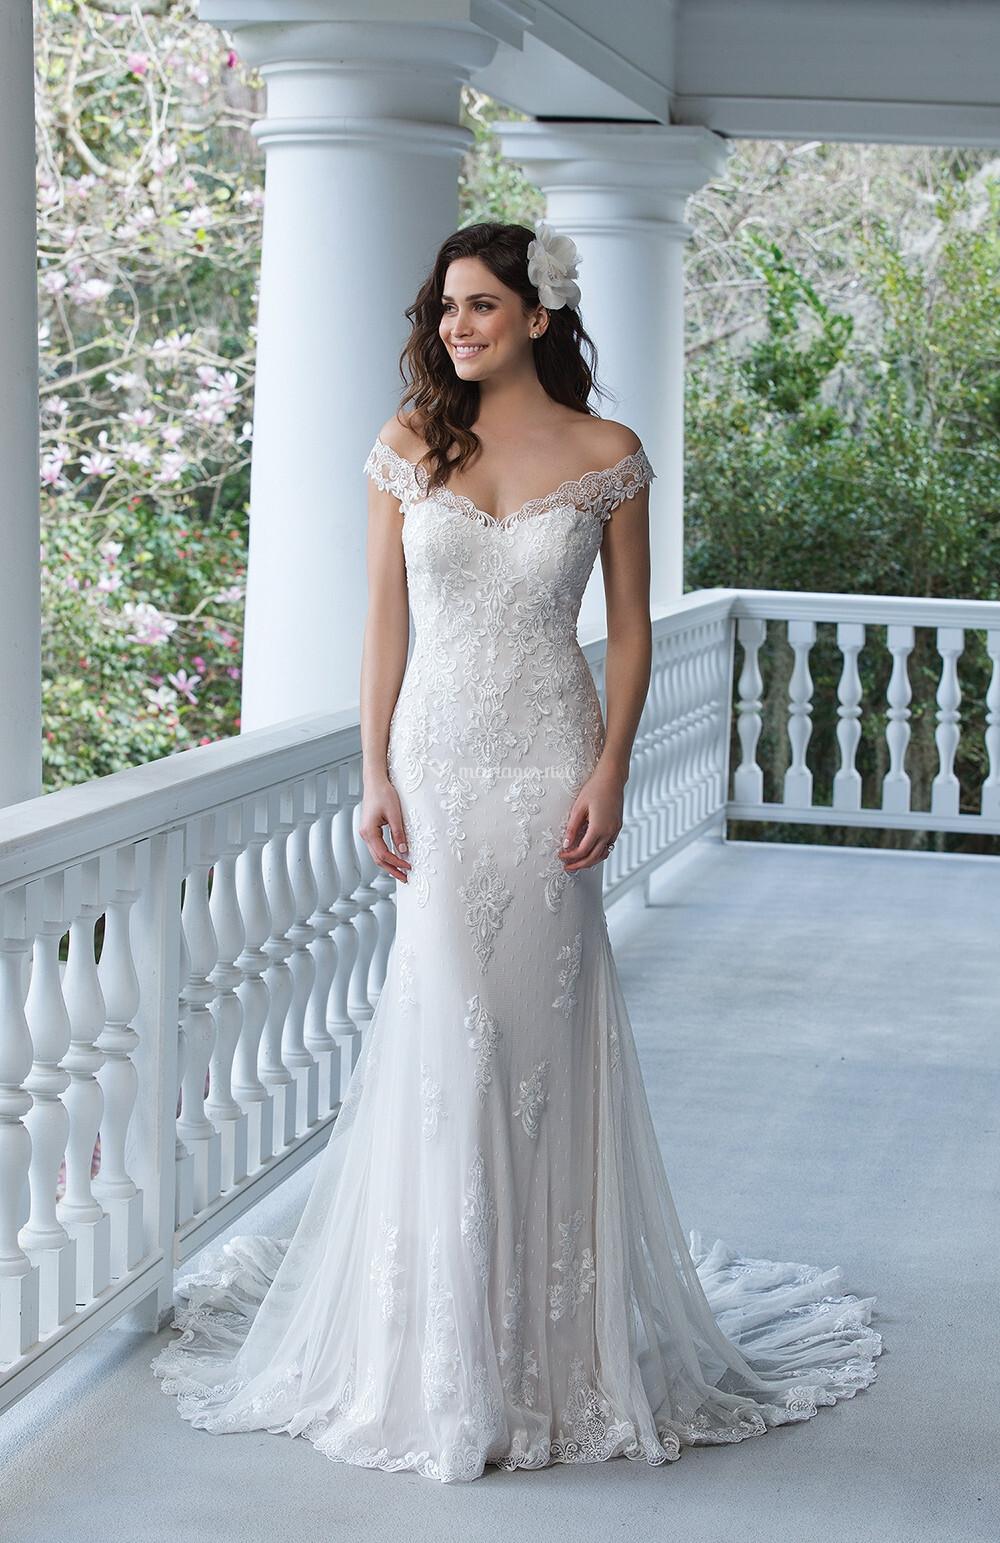 Robe de mariee sincerity bridal